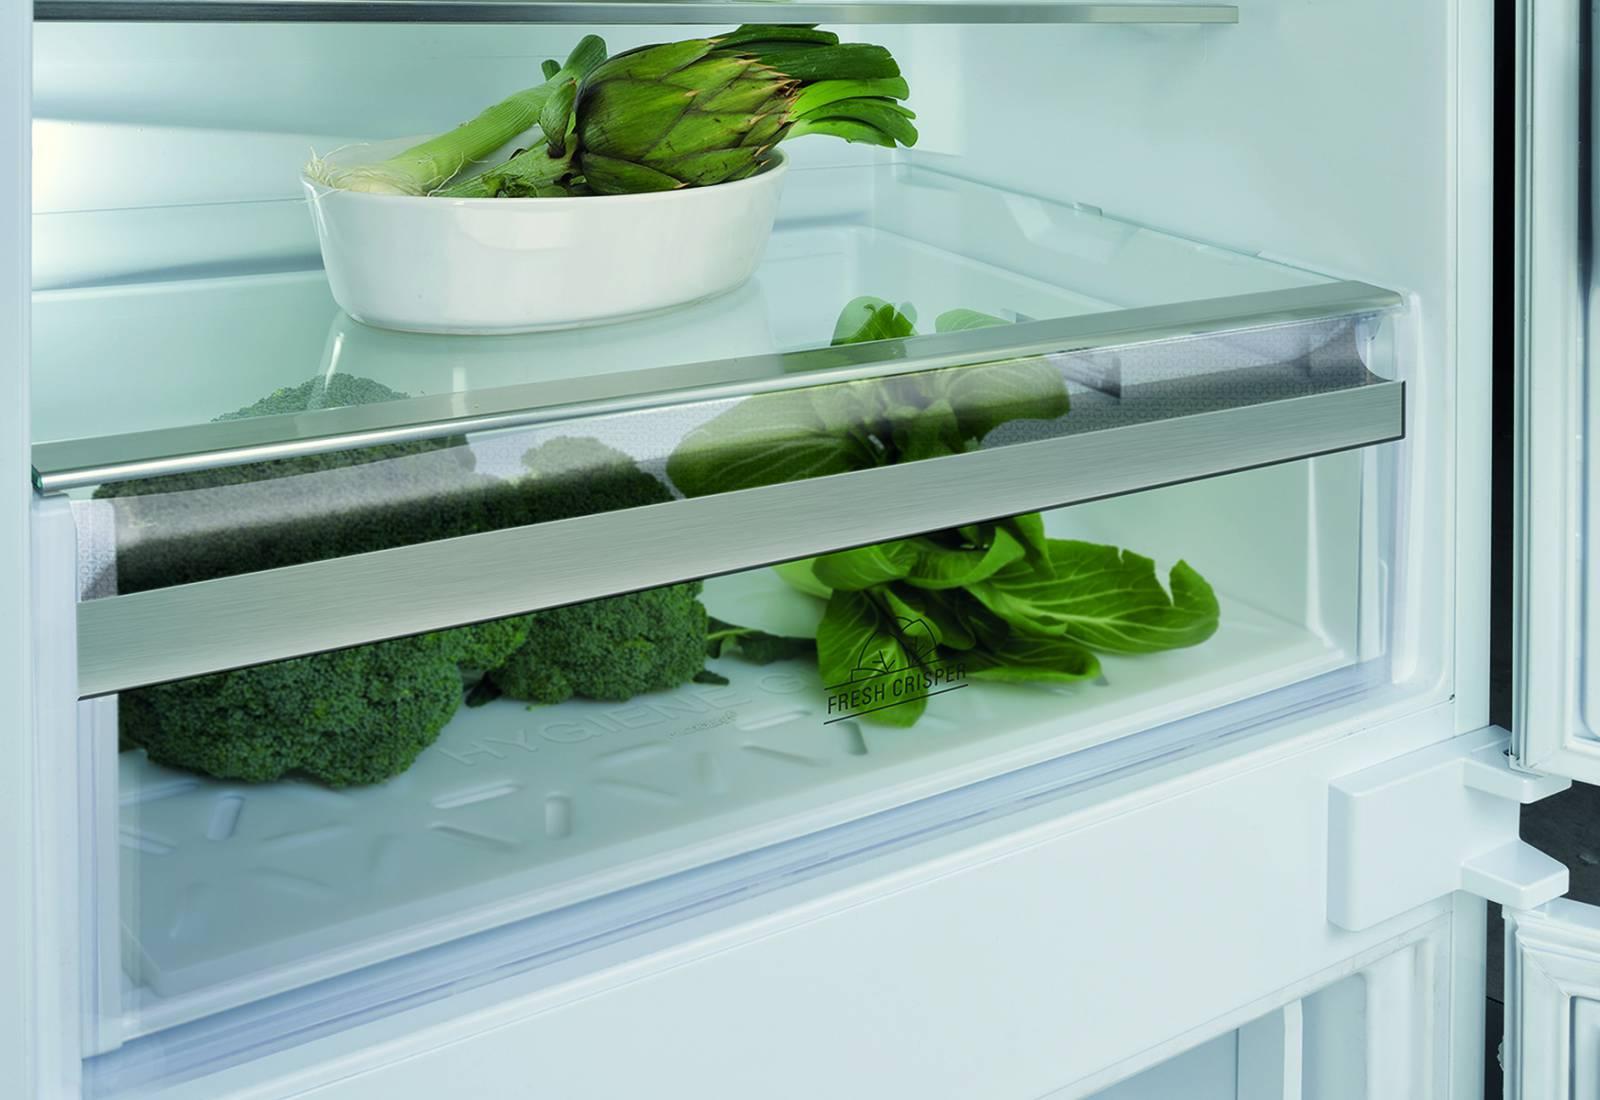 Immagine In frigo c